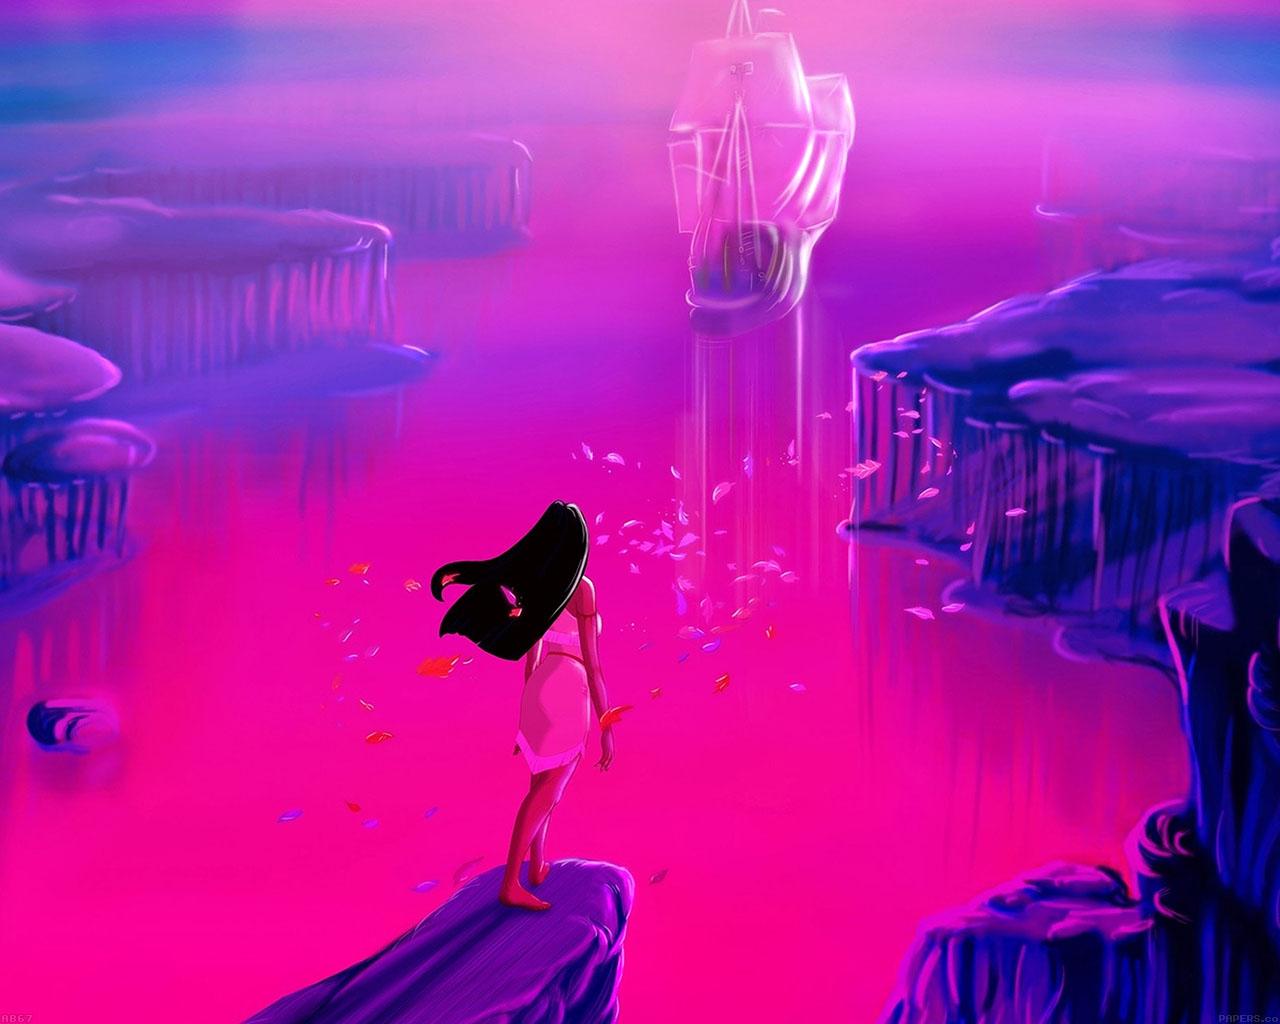 pocahontas essays Disney pocahontas vs real life pocahontas pocahontas met john smith as an adult in the movie while pocahontas was 11 and smith.